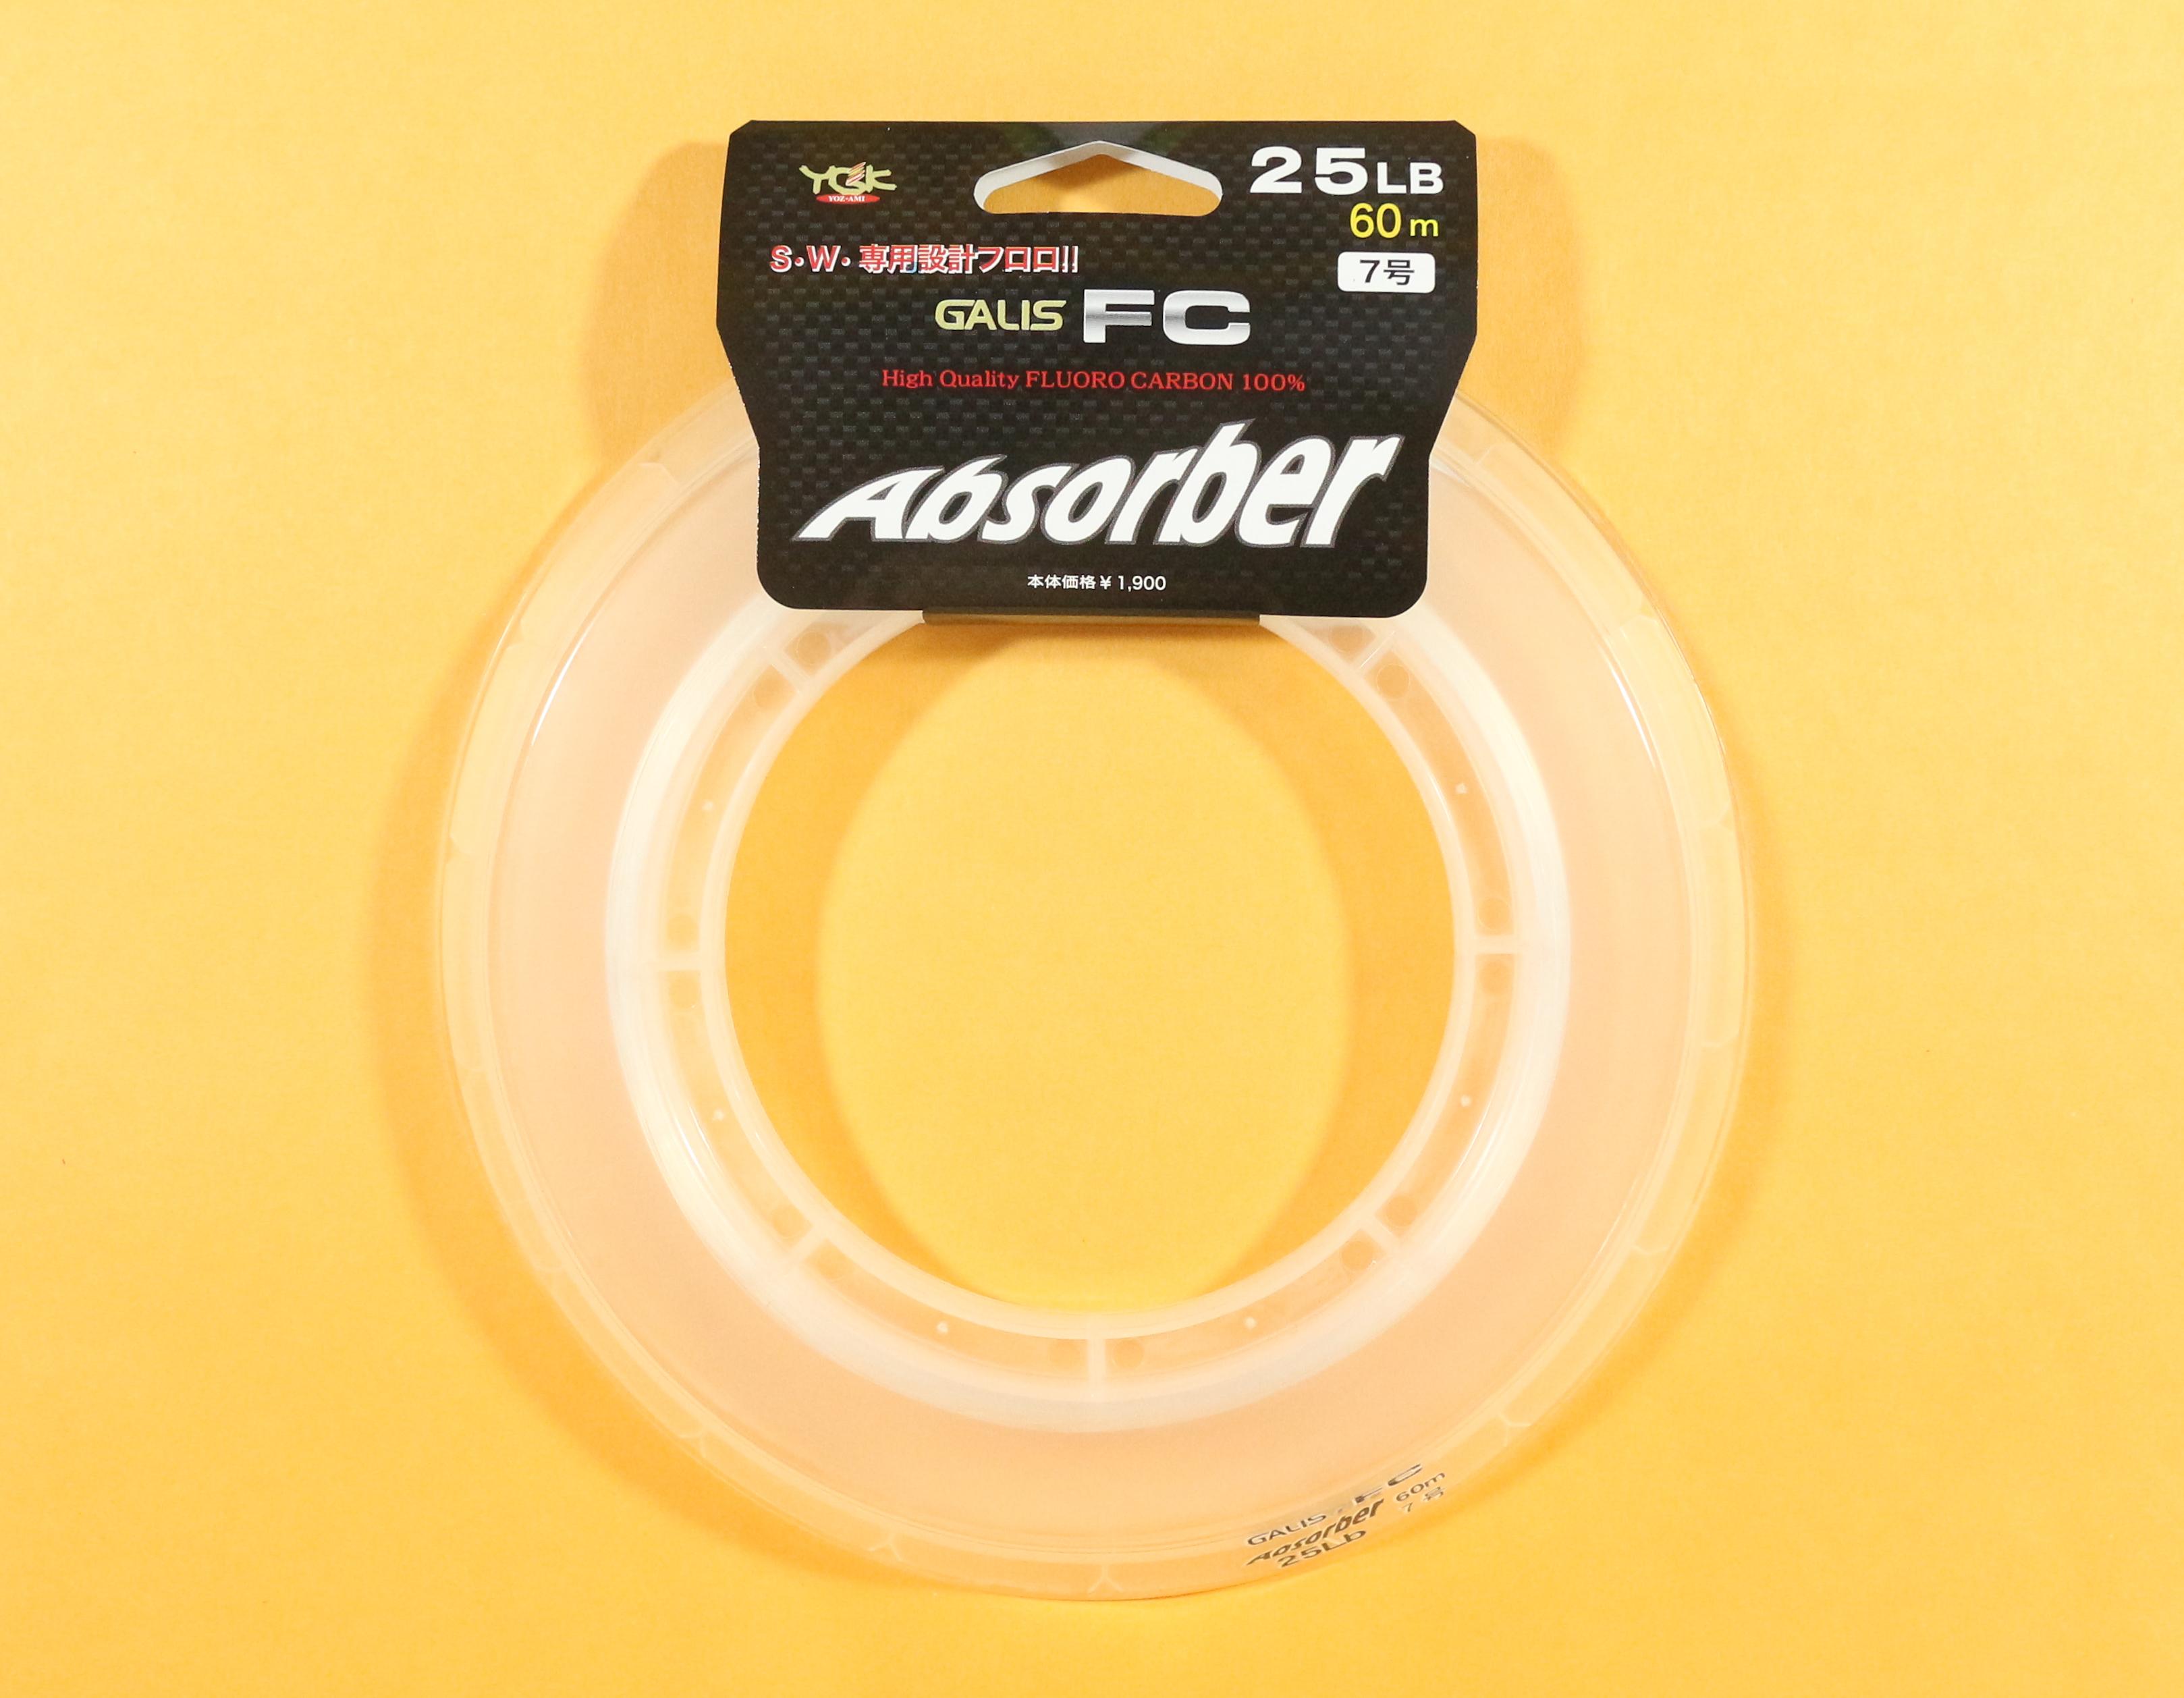 YGK Absorber Fluorocarbon Leader Line 60m 25lb (0126)